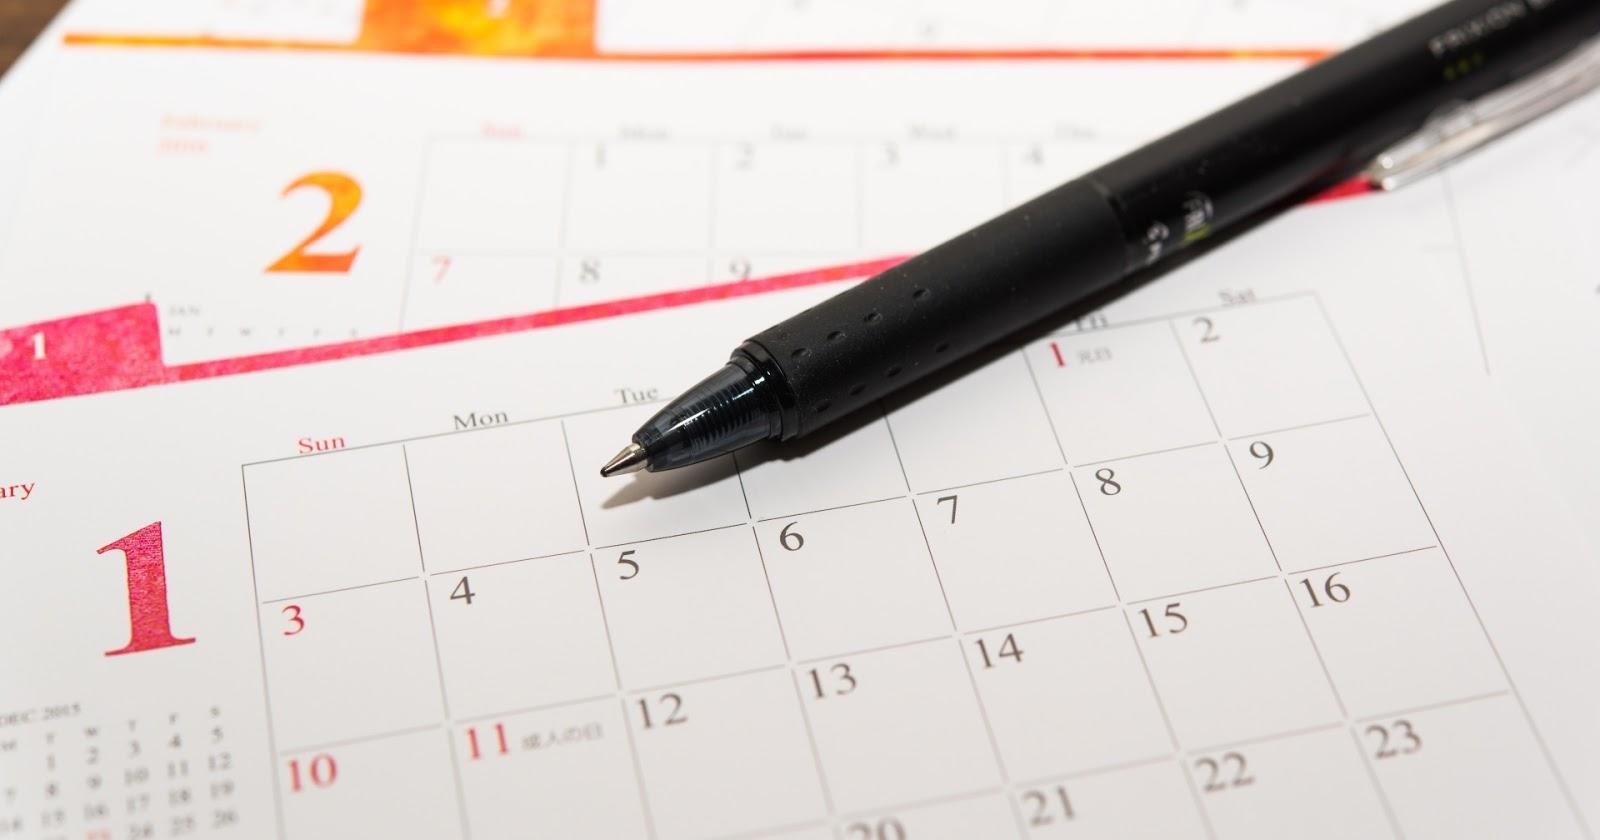 2018 免費列印行事曆的5個方法:在筆記本準備漂亮年度計畫